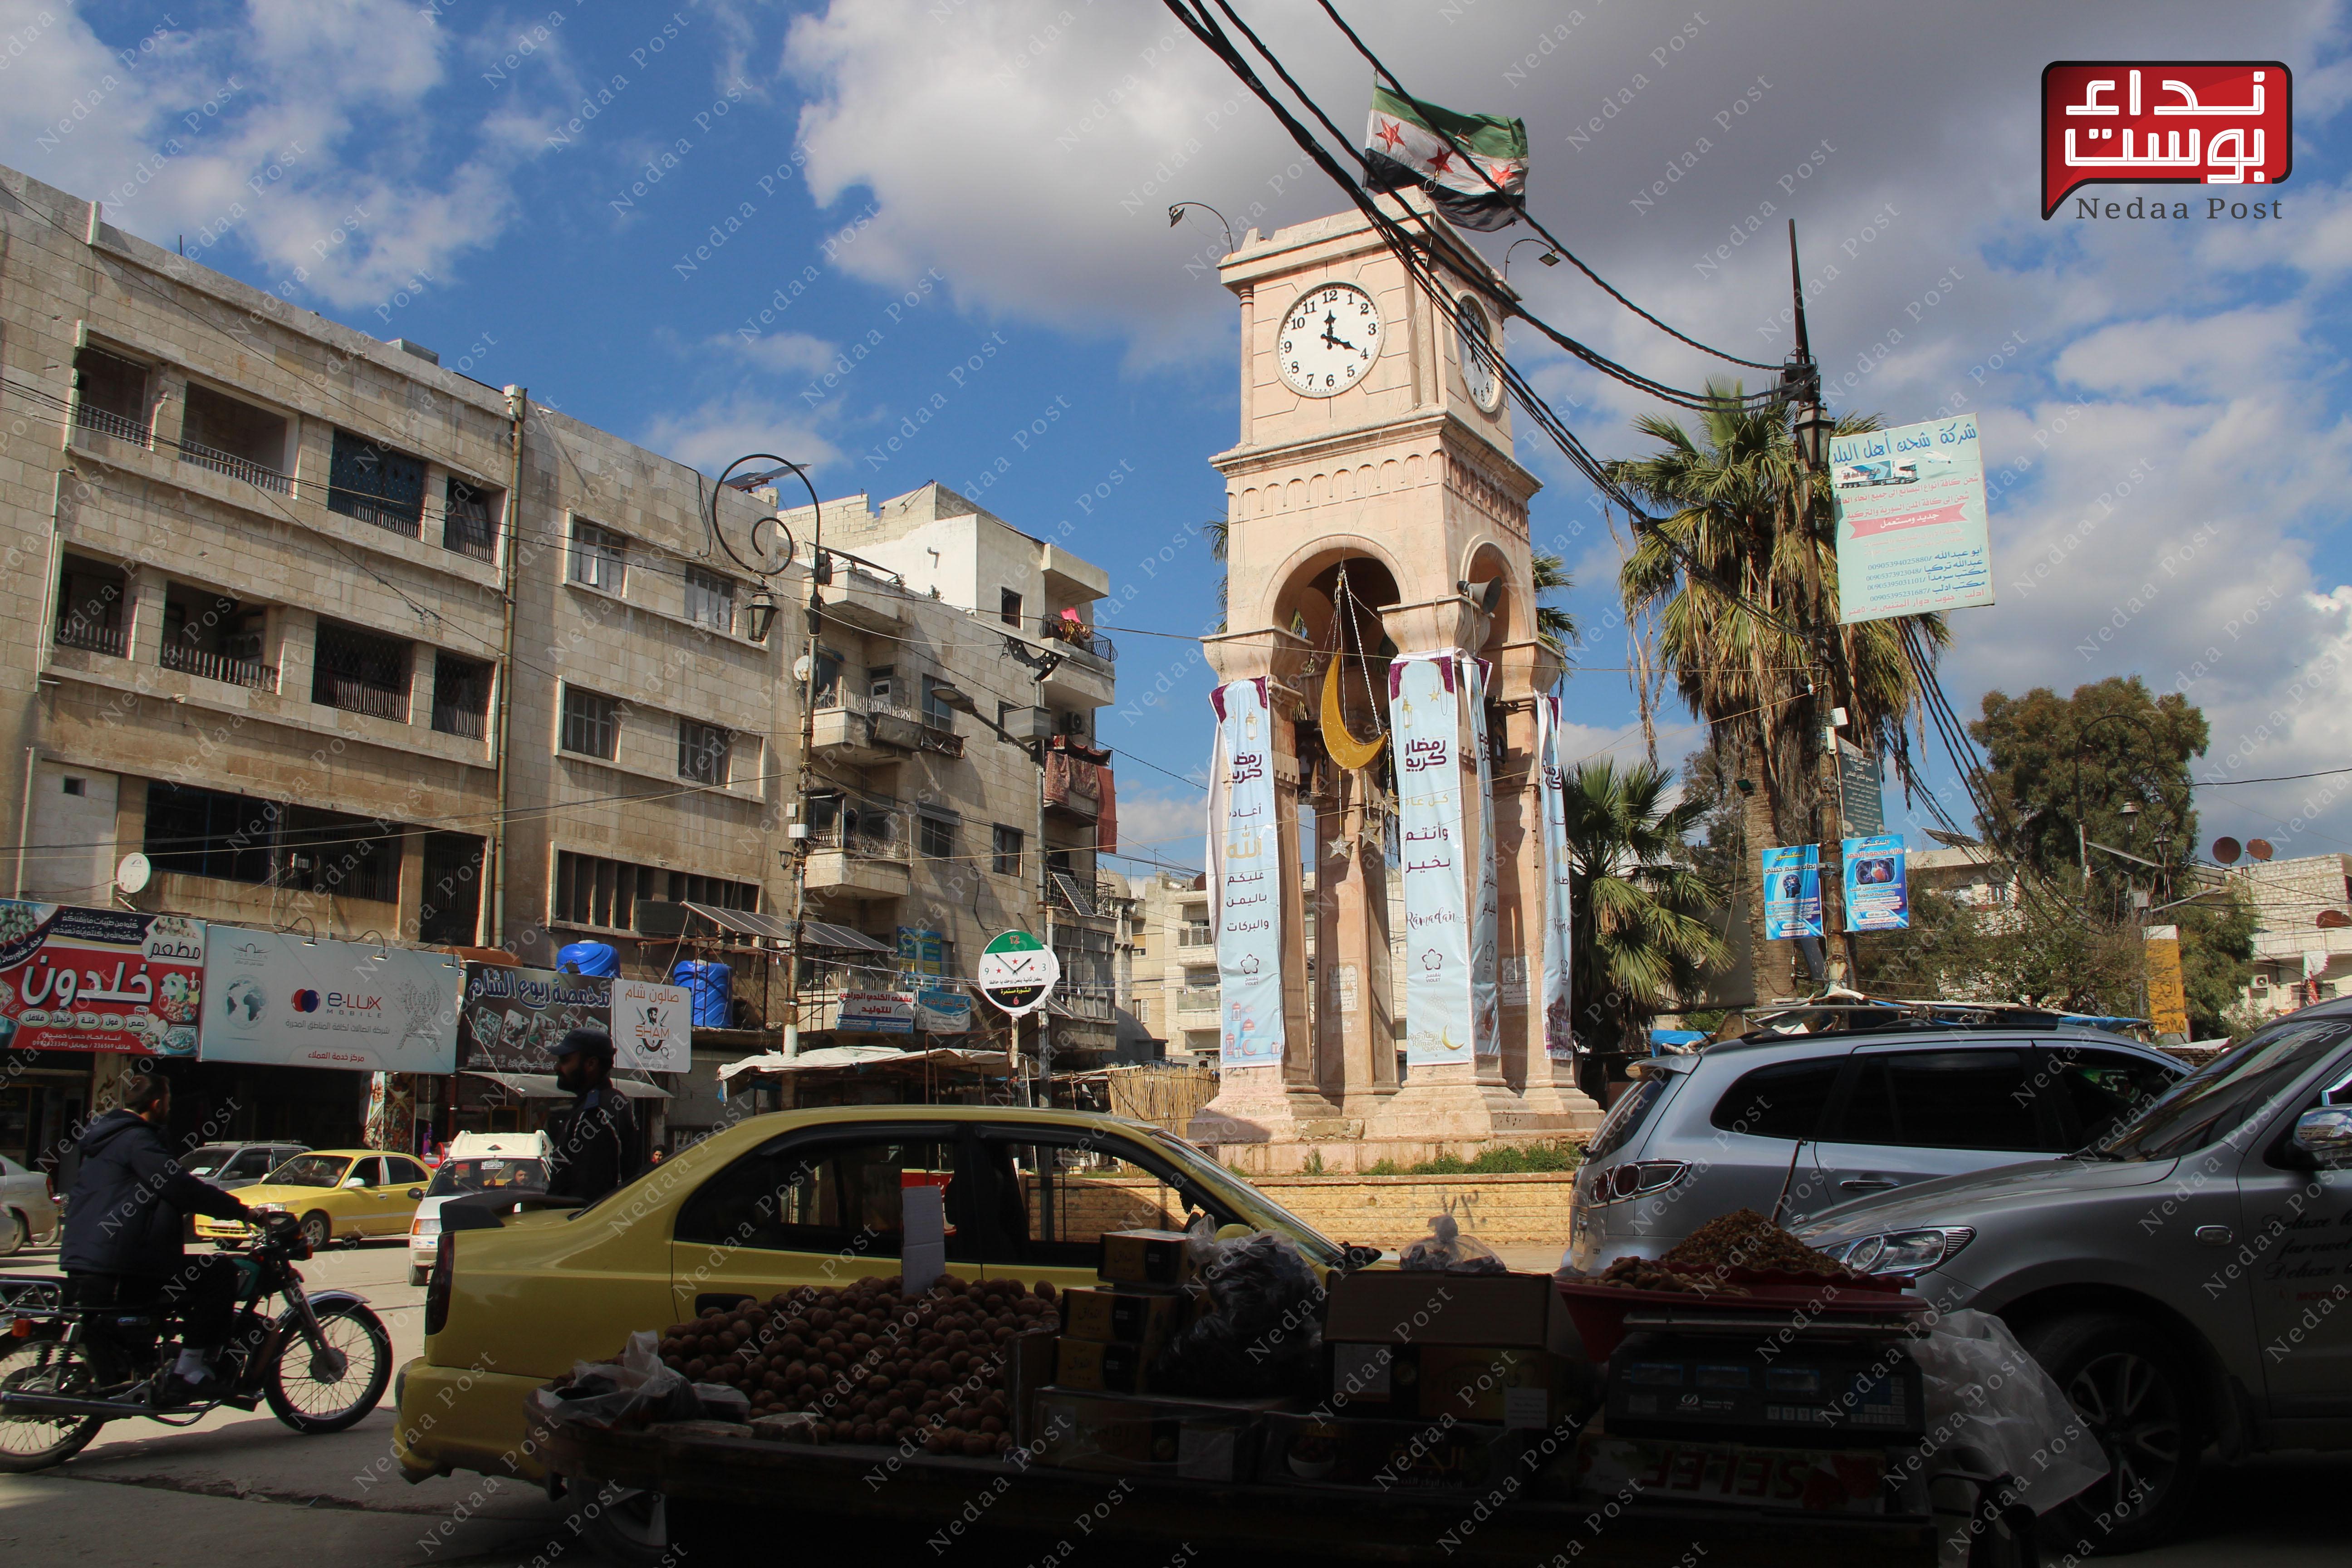 ارتفاع الأسعار والتهجير القسري يخيمان على أجواء رمضان شمال غربي سوريا